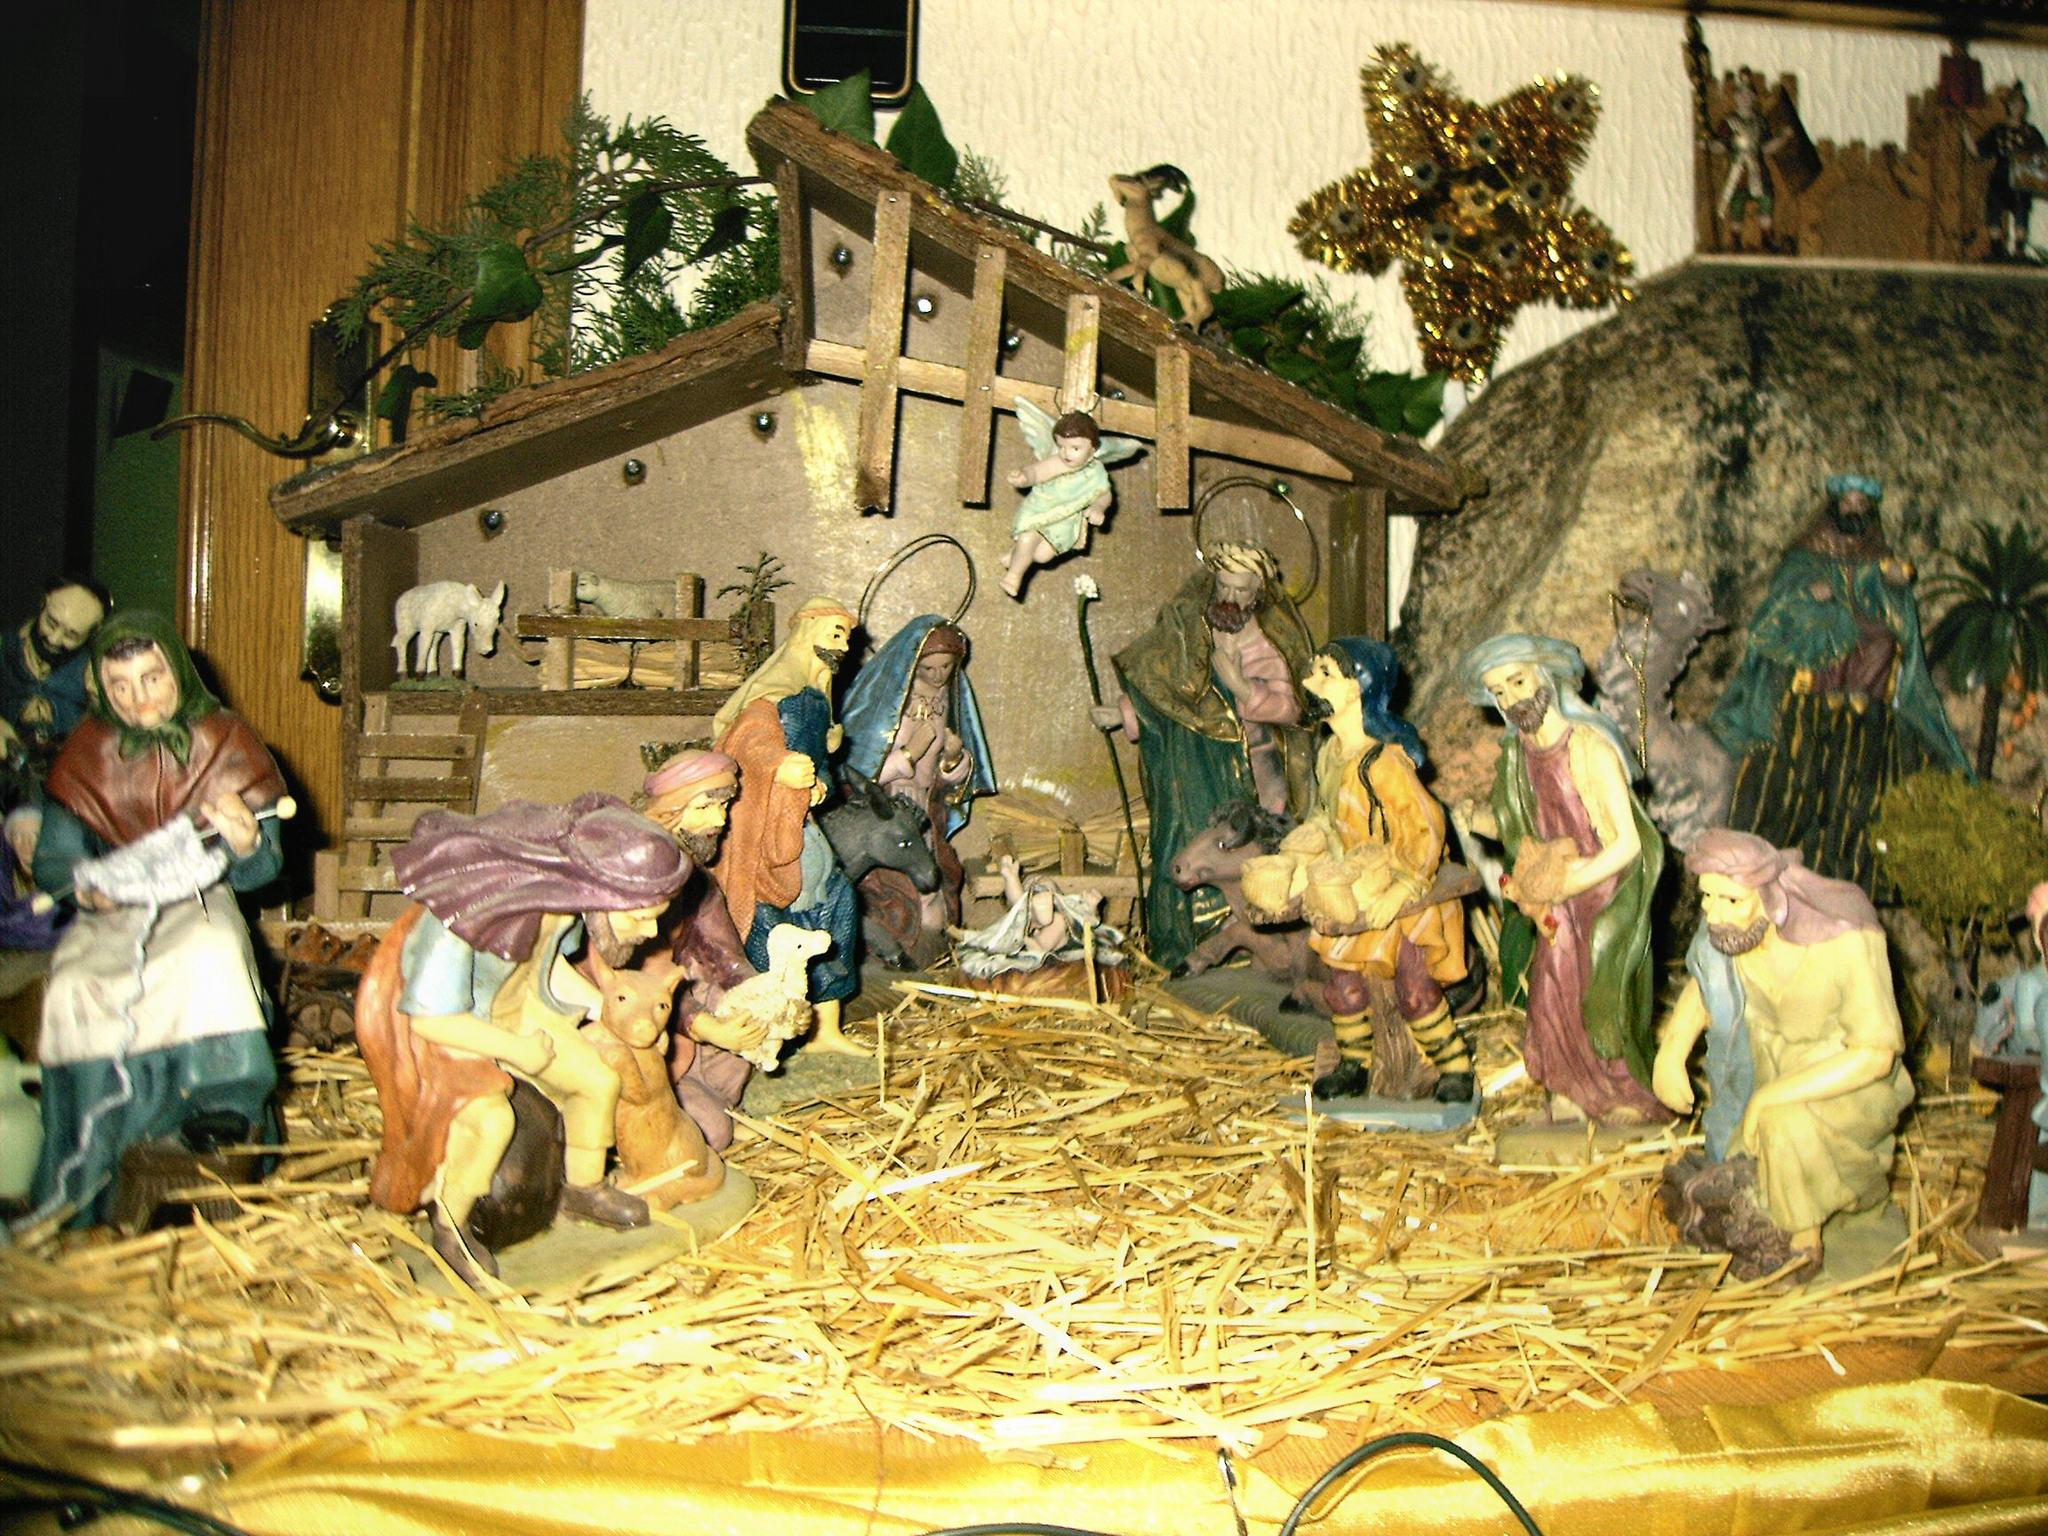 Vista del nacimiento de jesus en el pesebre fotos de for Nacimiento belen